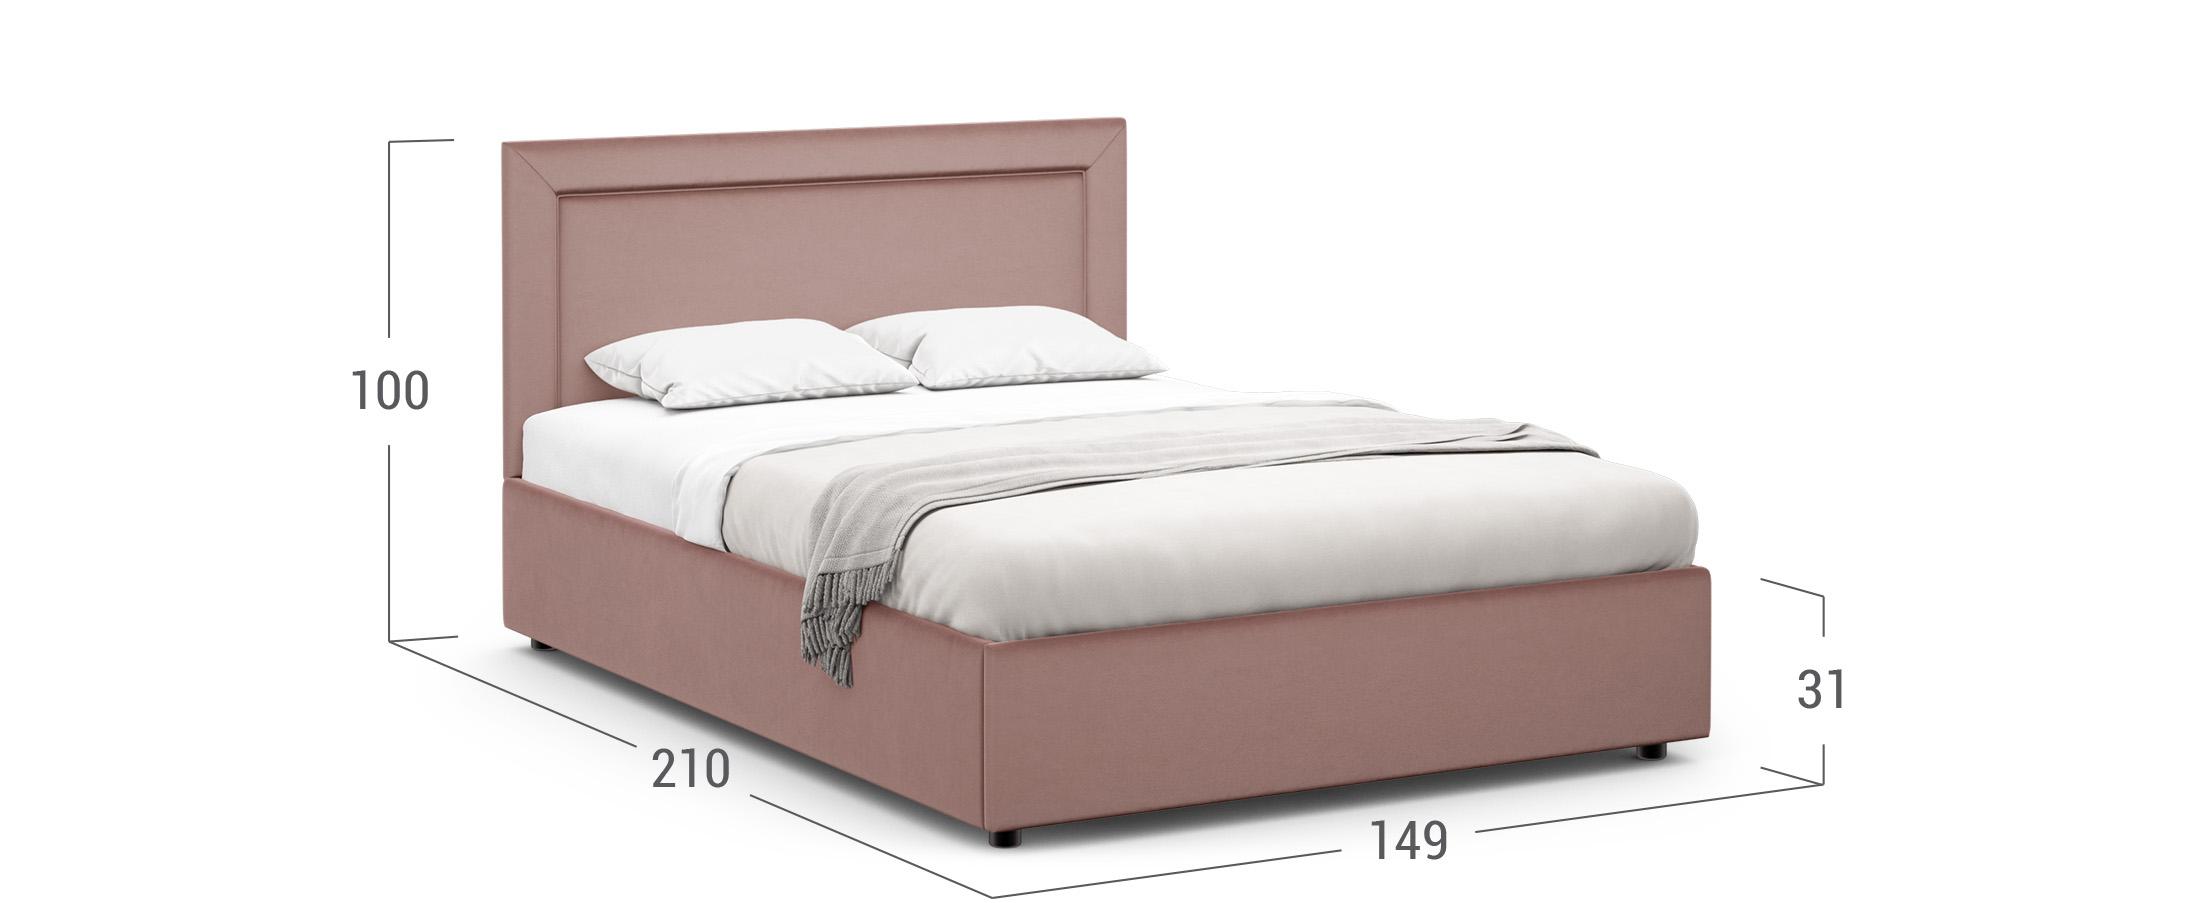 Кровать двуспальная MOON FAMILY 1228 140х200